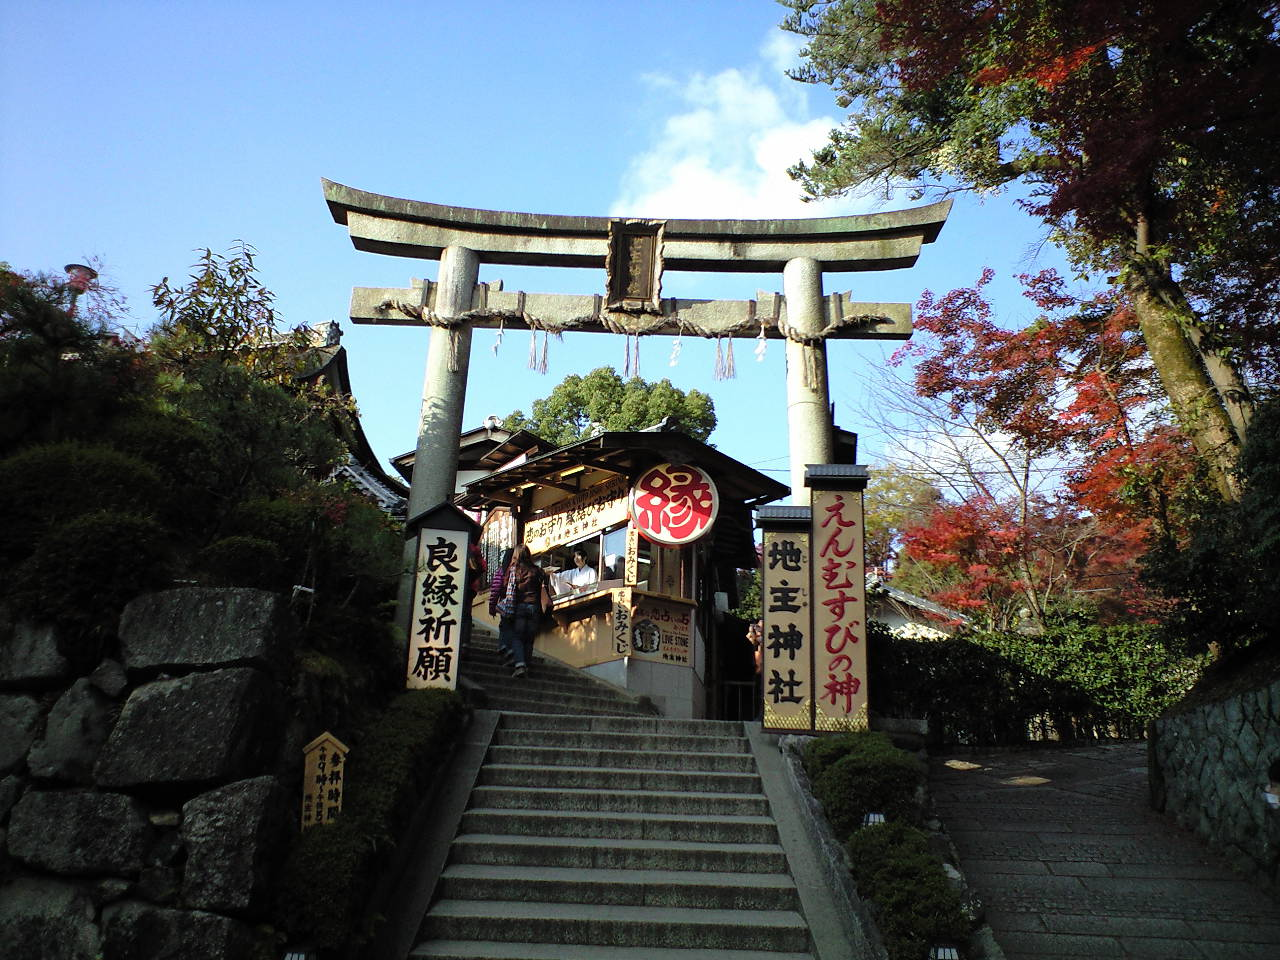 京都、弾丸ツアー。